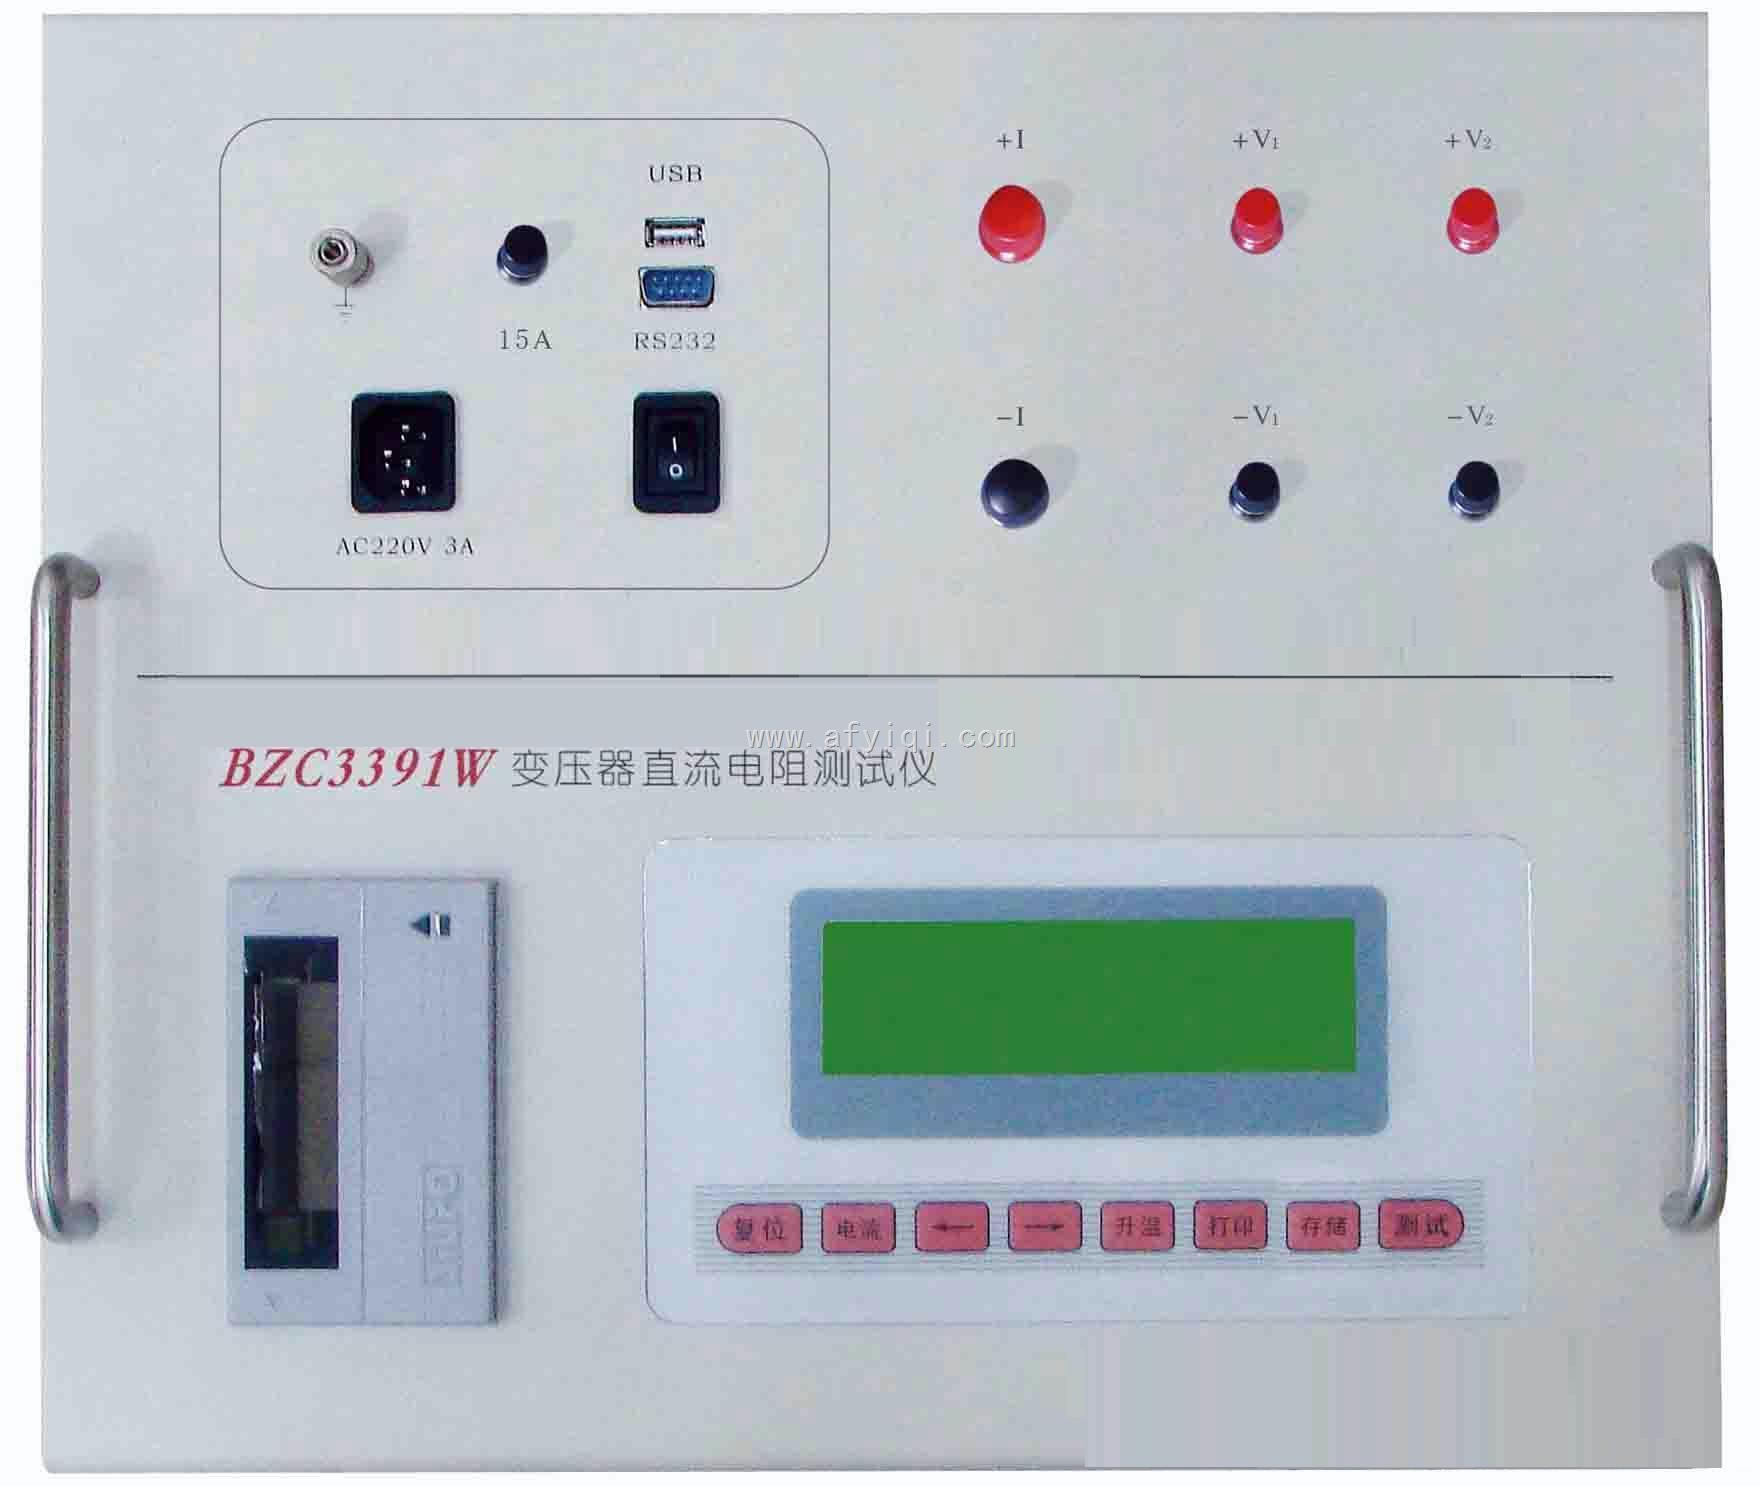 BZC3391变压器直流电阻测试仪(助磁)是为快速测试大型电力变压器直流电阻设计的新型仪器,该仪器采用助磁方法可快速准确测量铁芯五柱低压角接绕组的直流电阻,对于最常见的YNd联接变压器高低压试验接线可一次完成,针对不同类型的绕组设计有相应的测试方法,使得测试速度大为提高。适用范围:适用于35KV、110KV、220KV、500KV各种变压器测量  销售热线: 13681872812 电 话:021-56798219 客服QQ:398599593 27845609 网址: